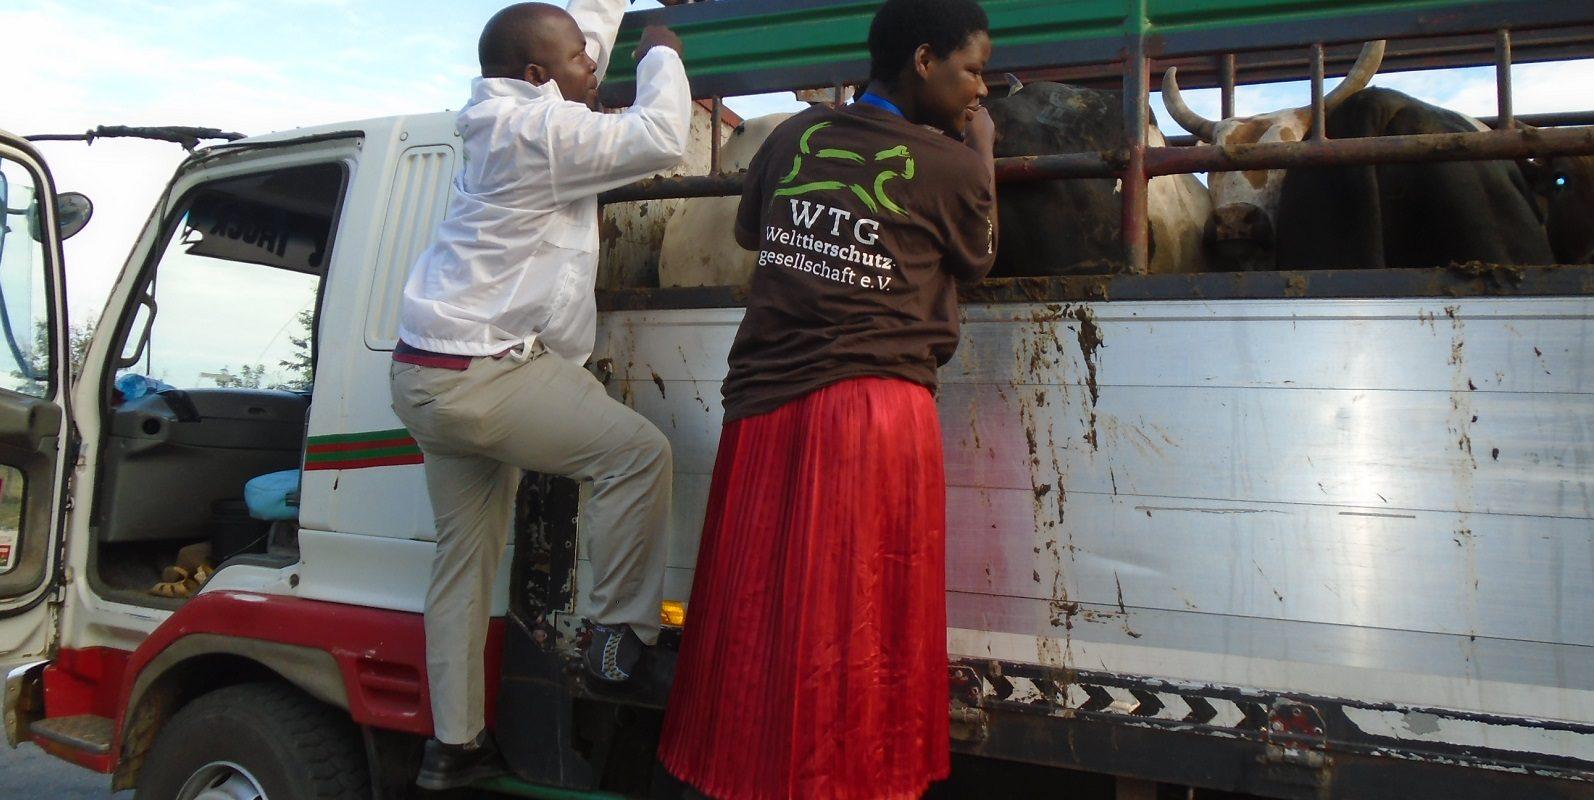 Das Team inspiziert einen mit Rindern beladenen LKW, der zu einem der Tiermärkte unterwegs ist